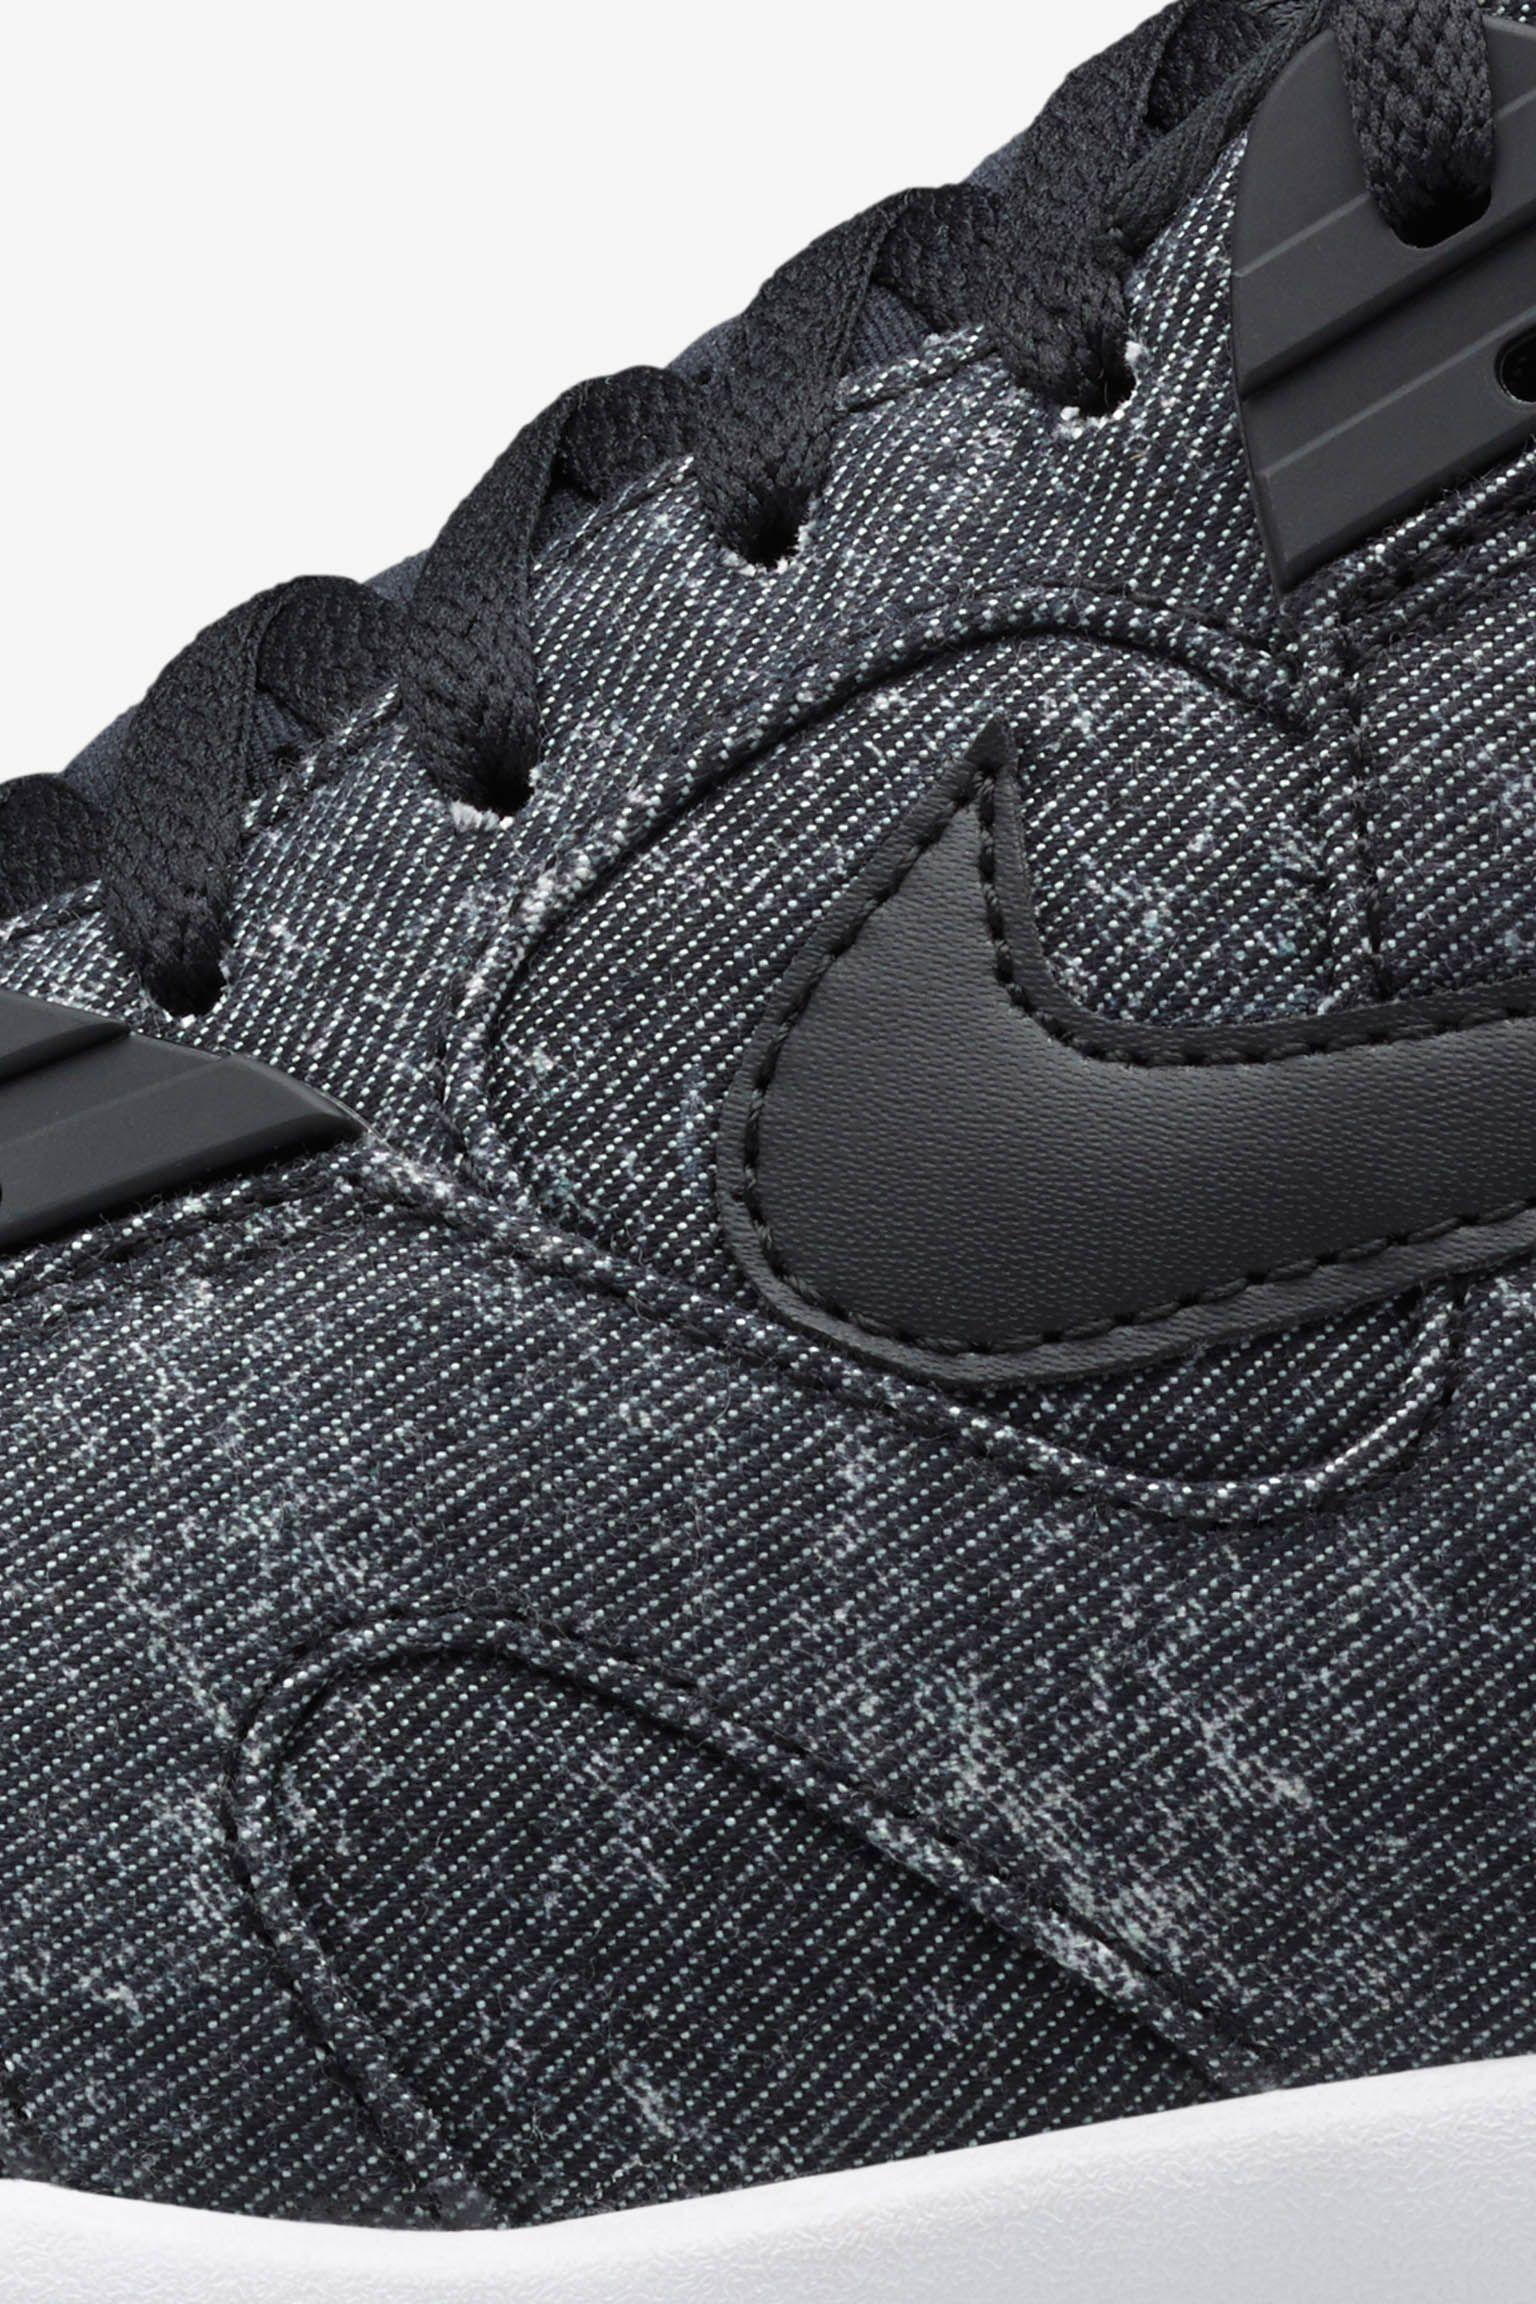 NikeCourt Air Tech Challenge 3 'Black Denim'